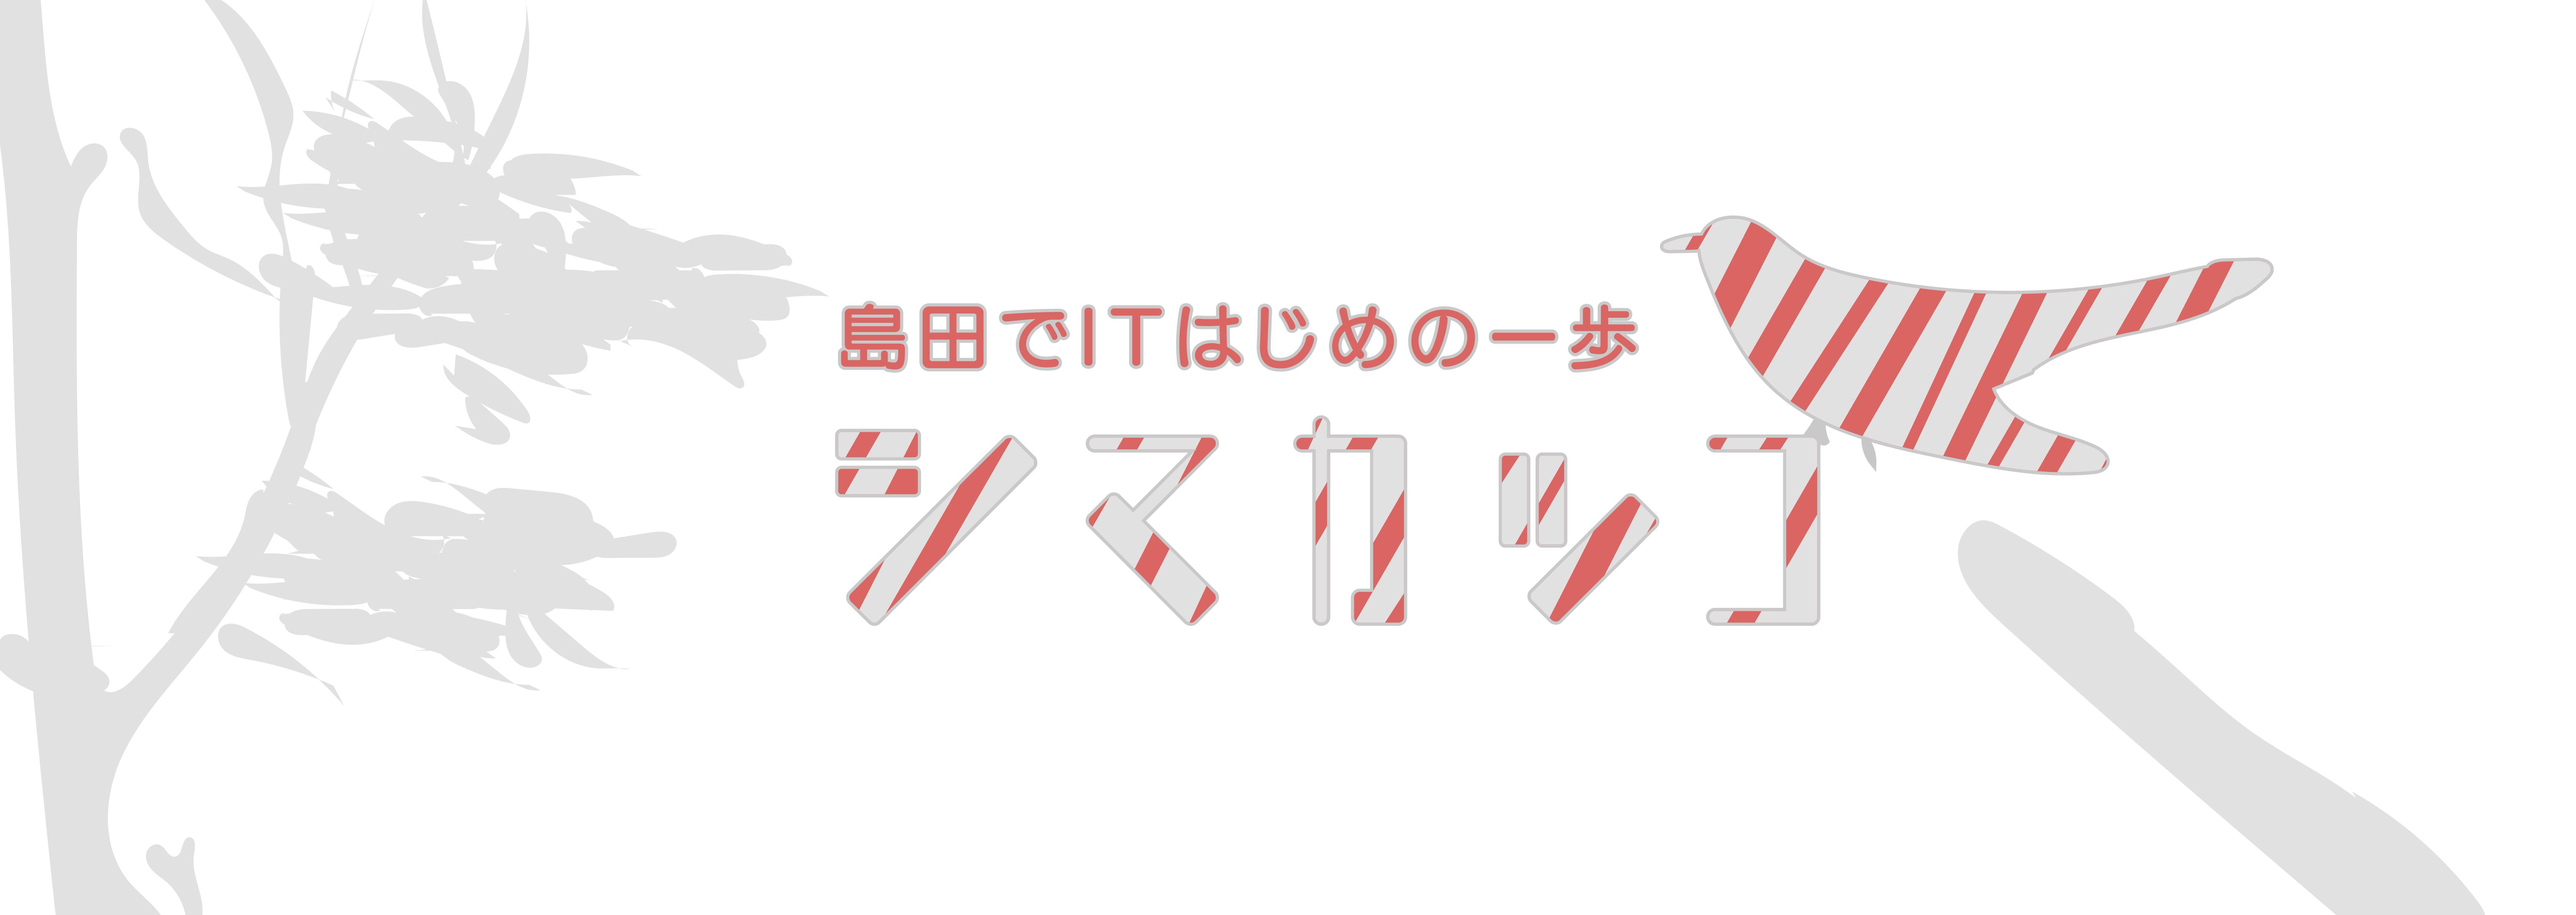 島田でITはじめの一歩 シマカッコ